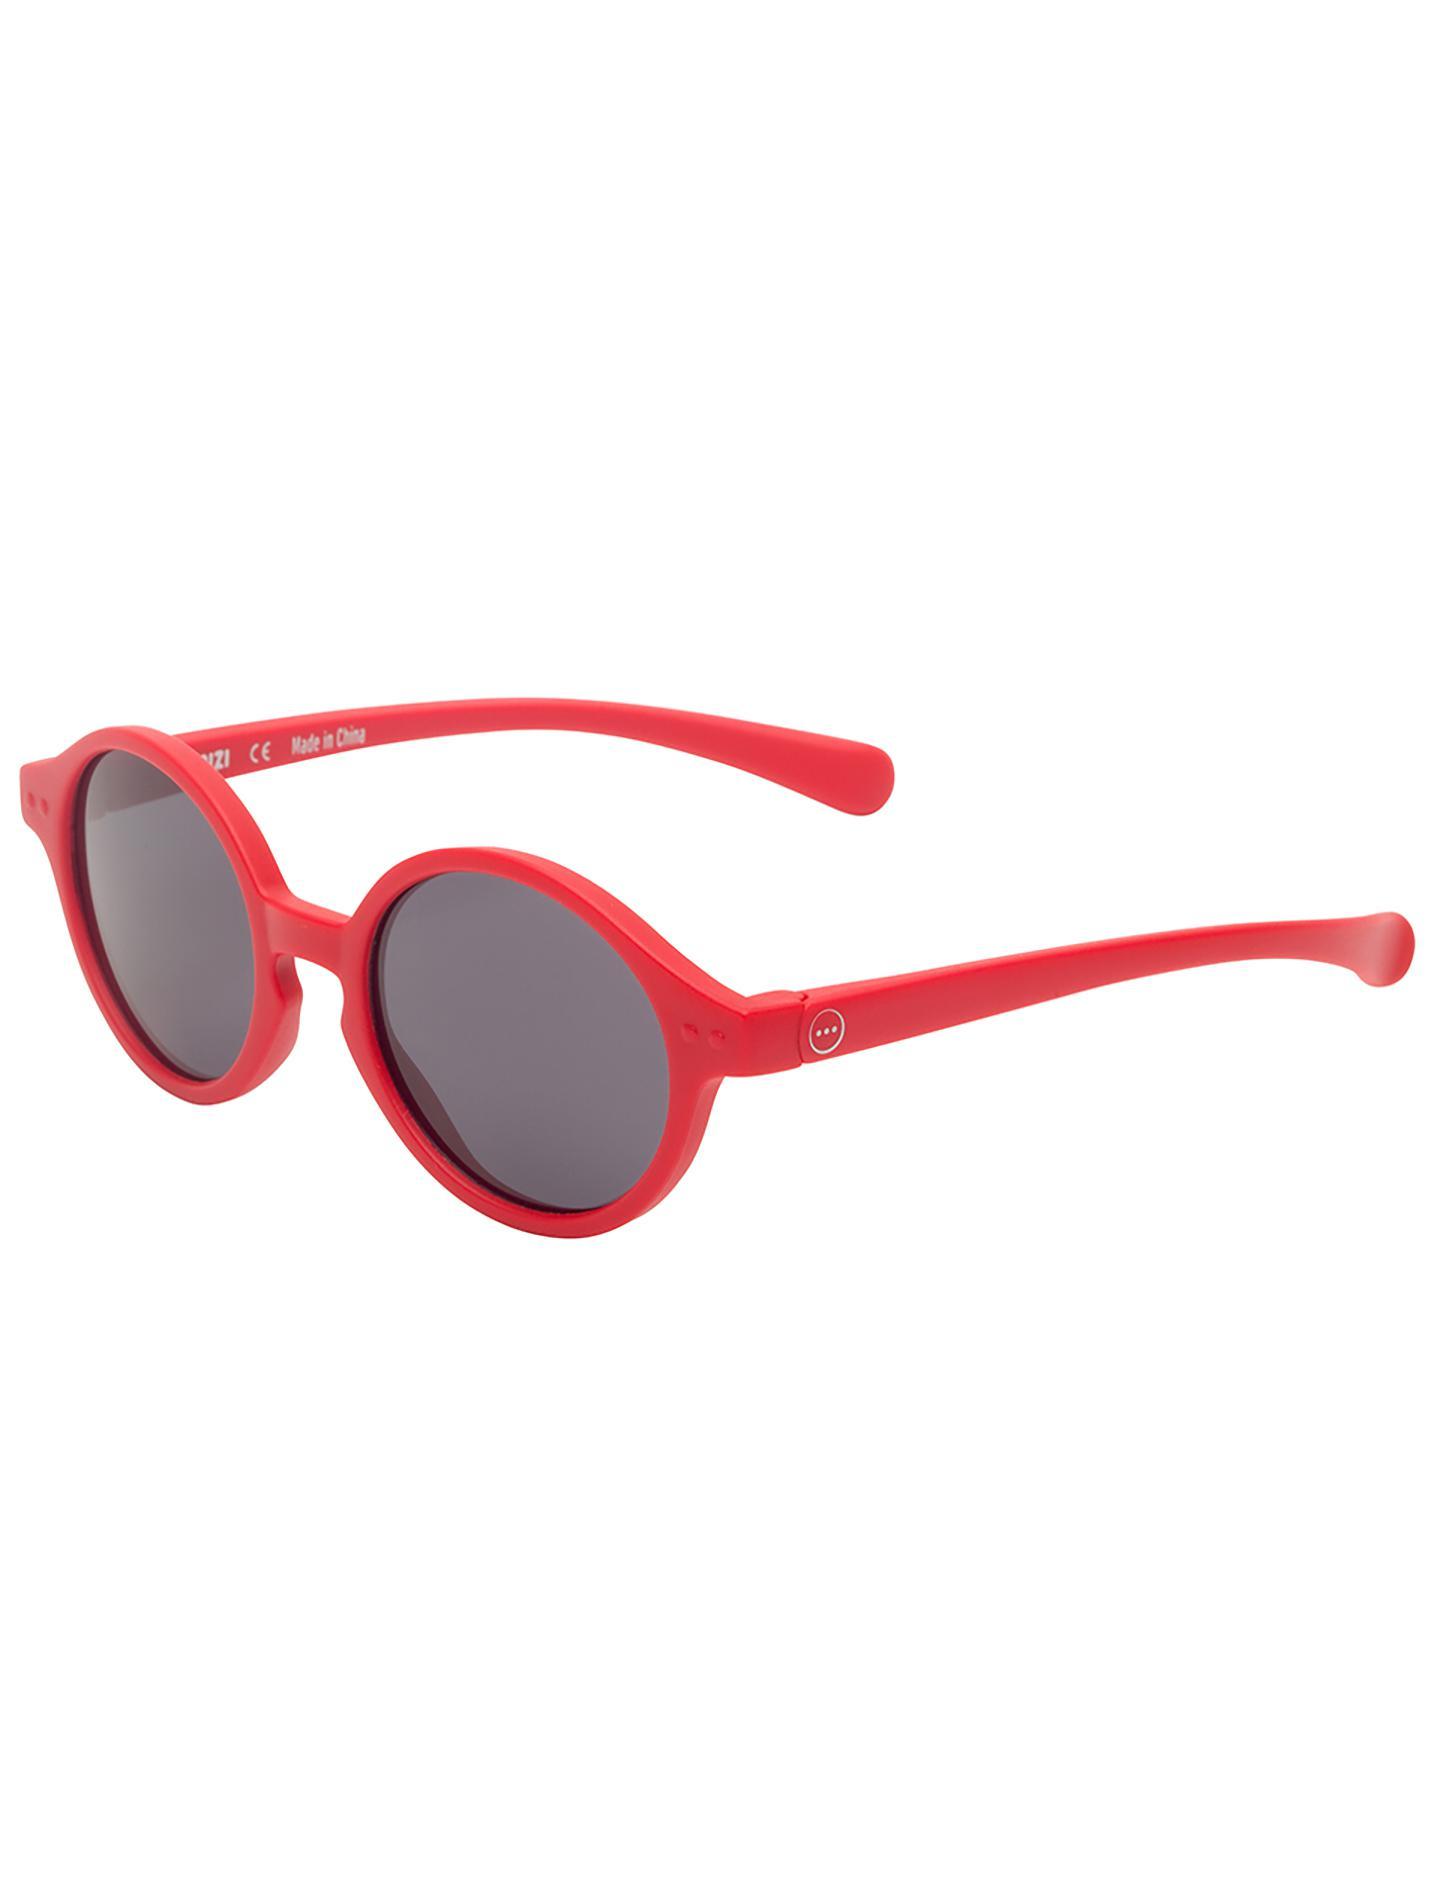 385f00c3b820 Alternative Apparel - Red Izipizi Kids Sunglasses - Lyst. View fullscreen